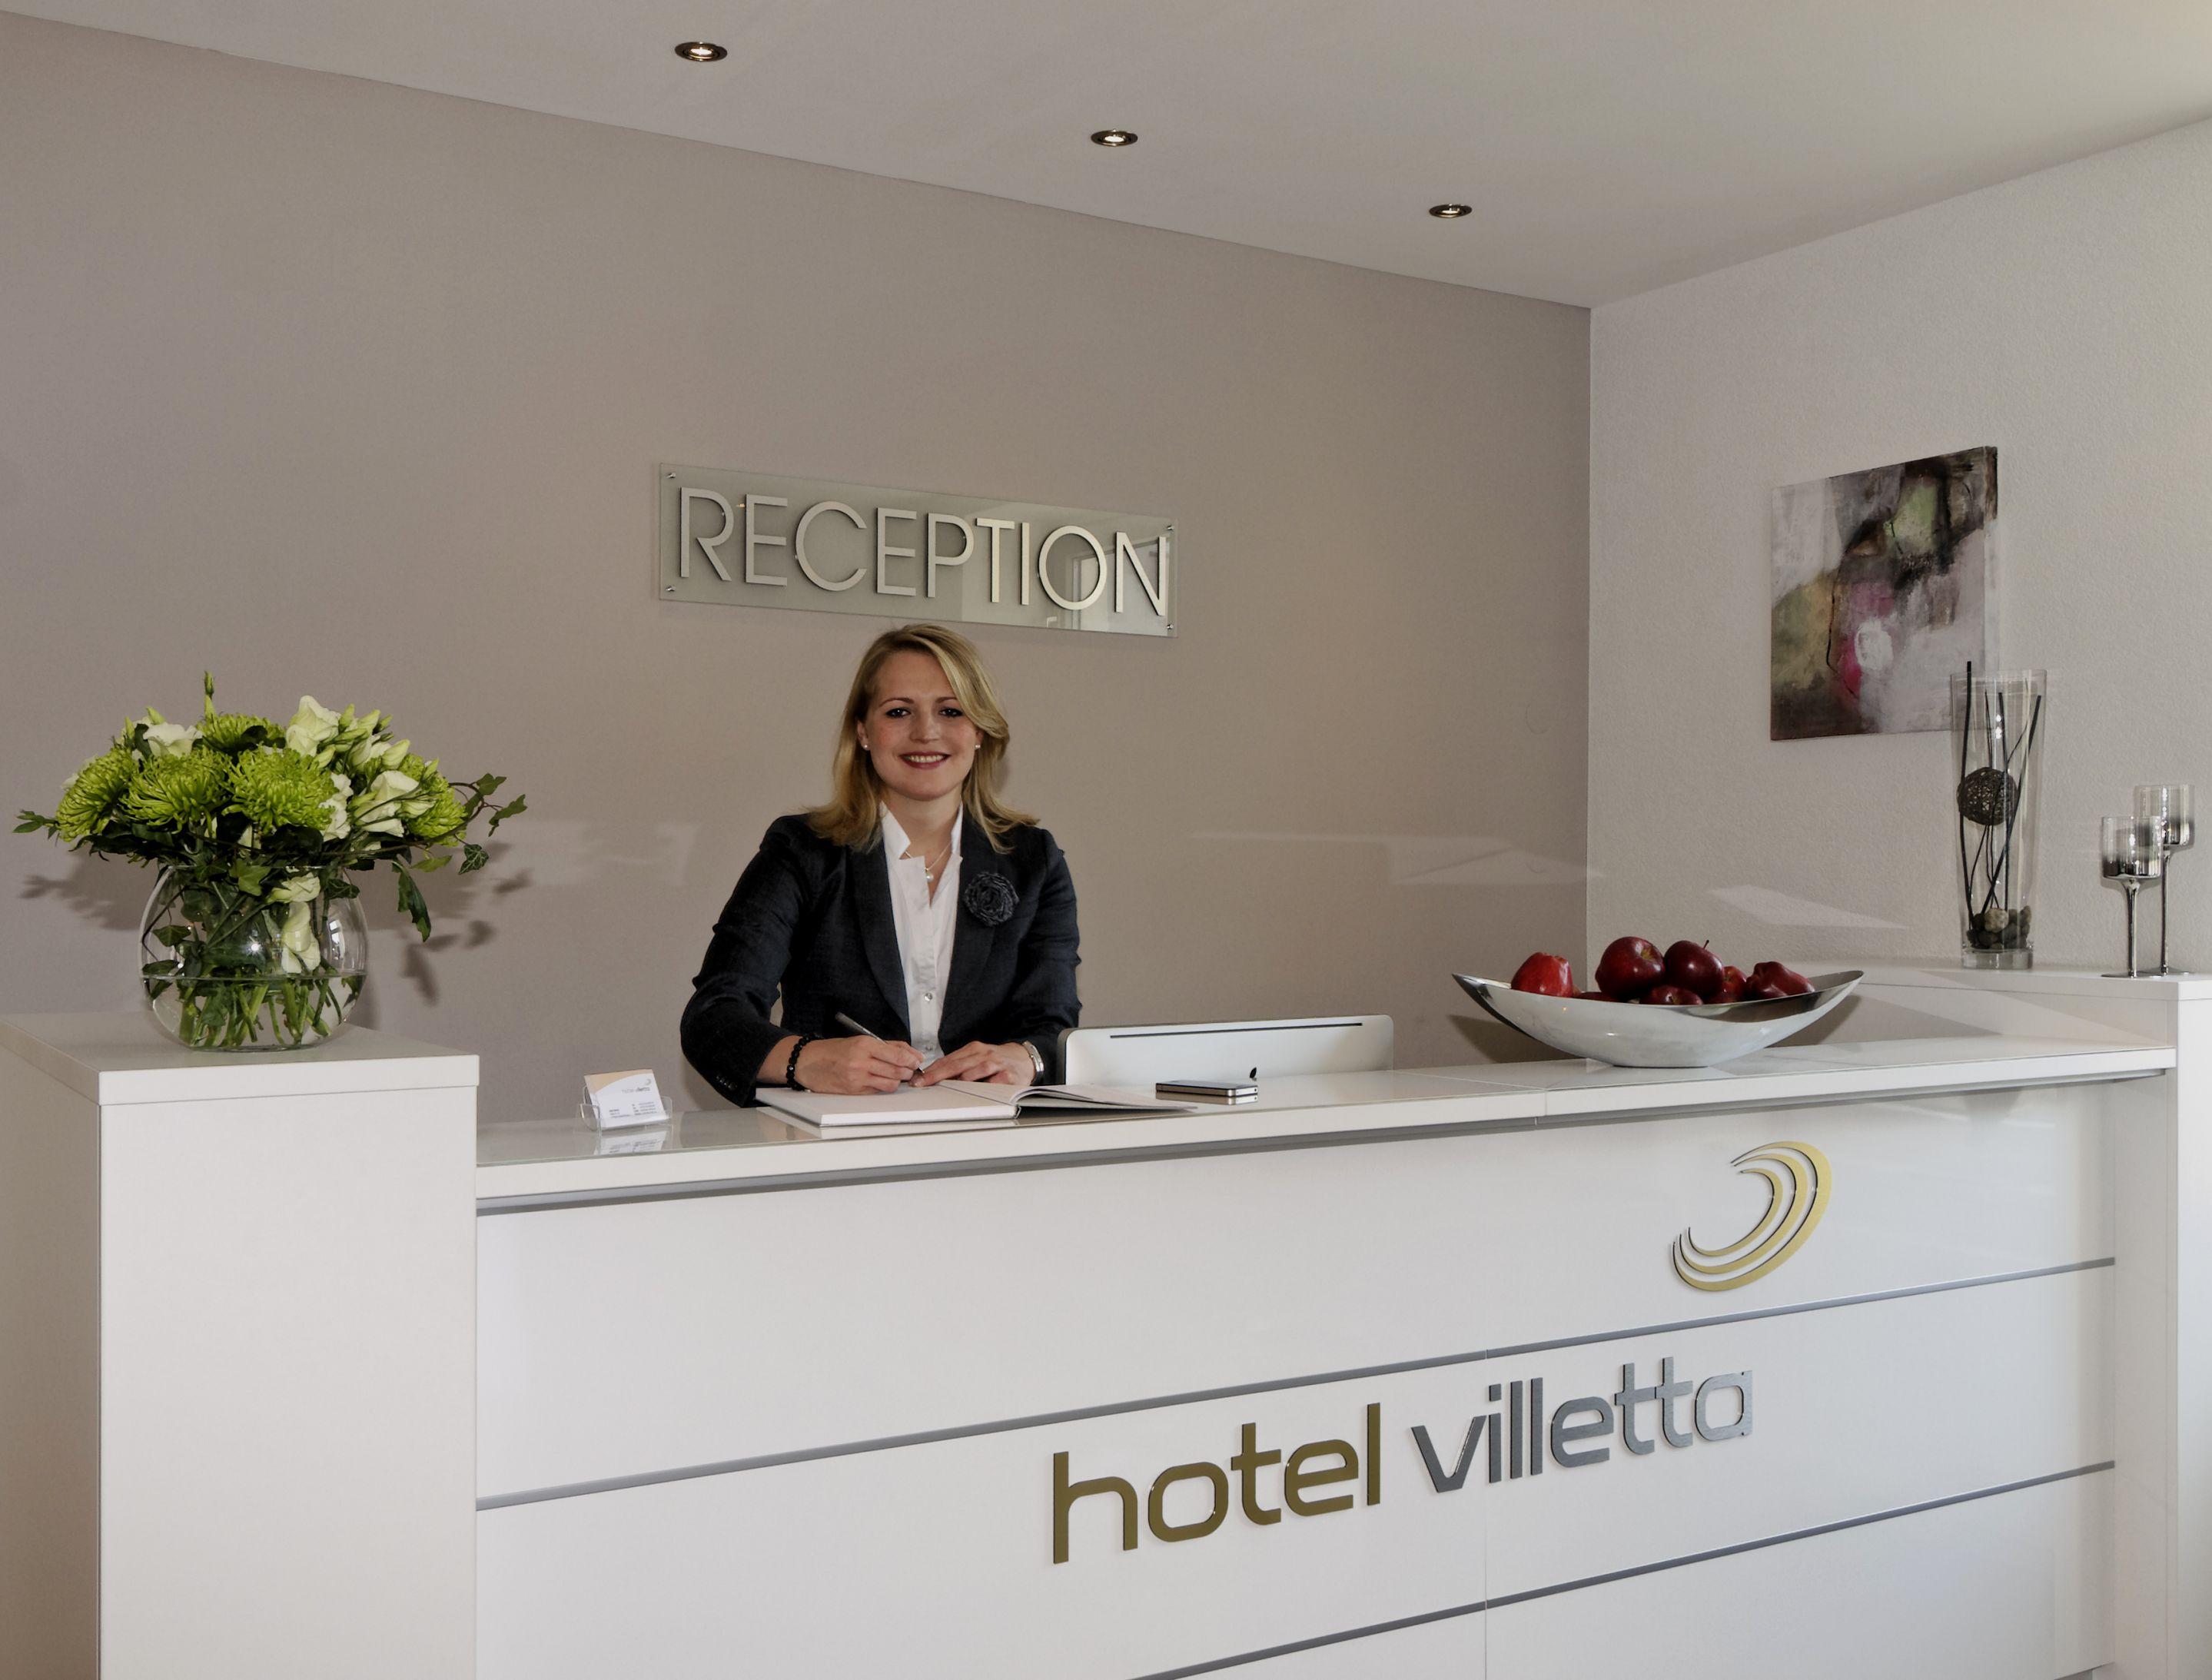 Hotel Villetta